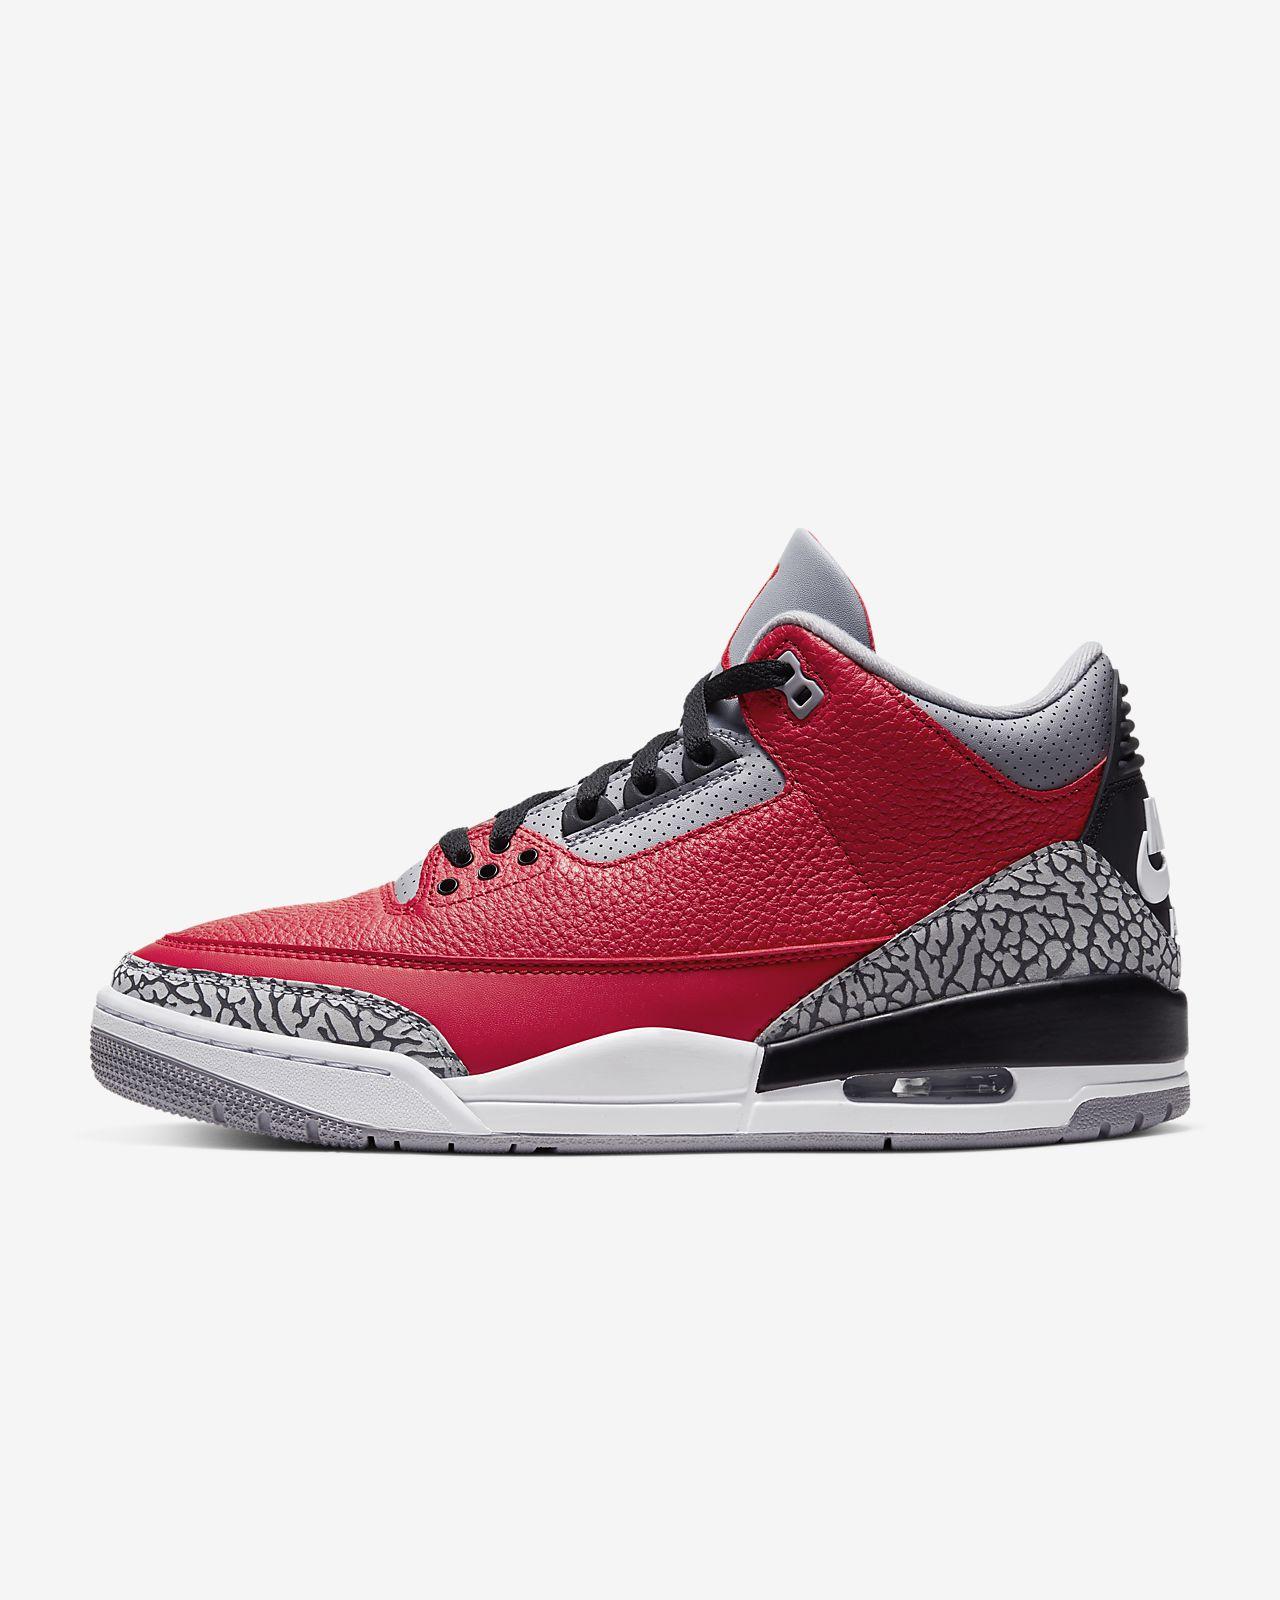 รองเท้าผู้ชาย Air Jordan 3 Retro SE